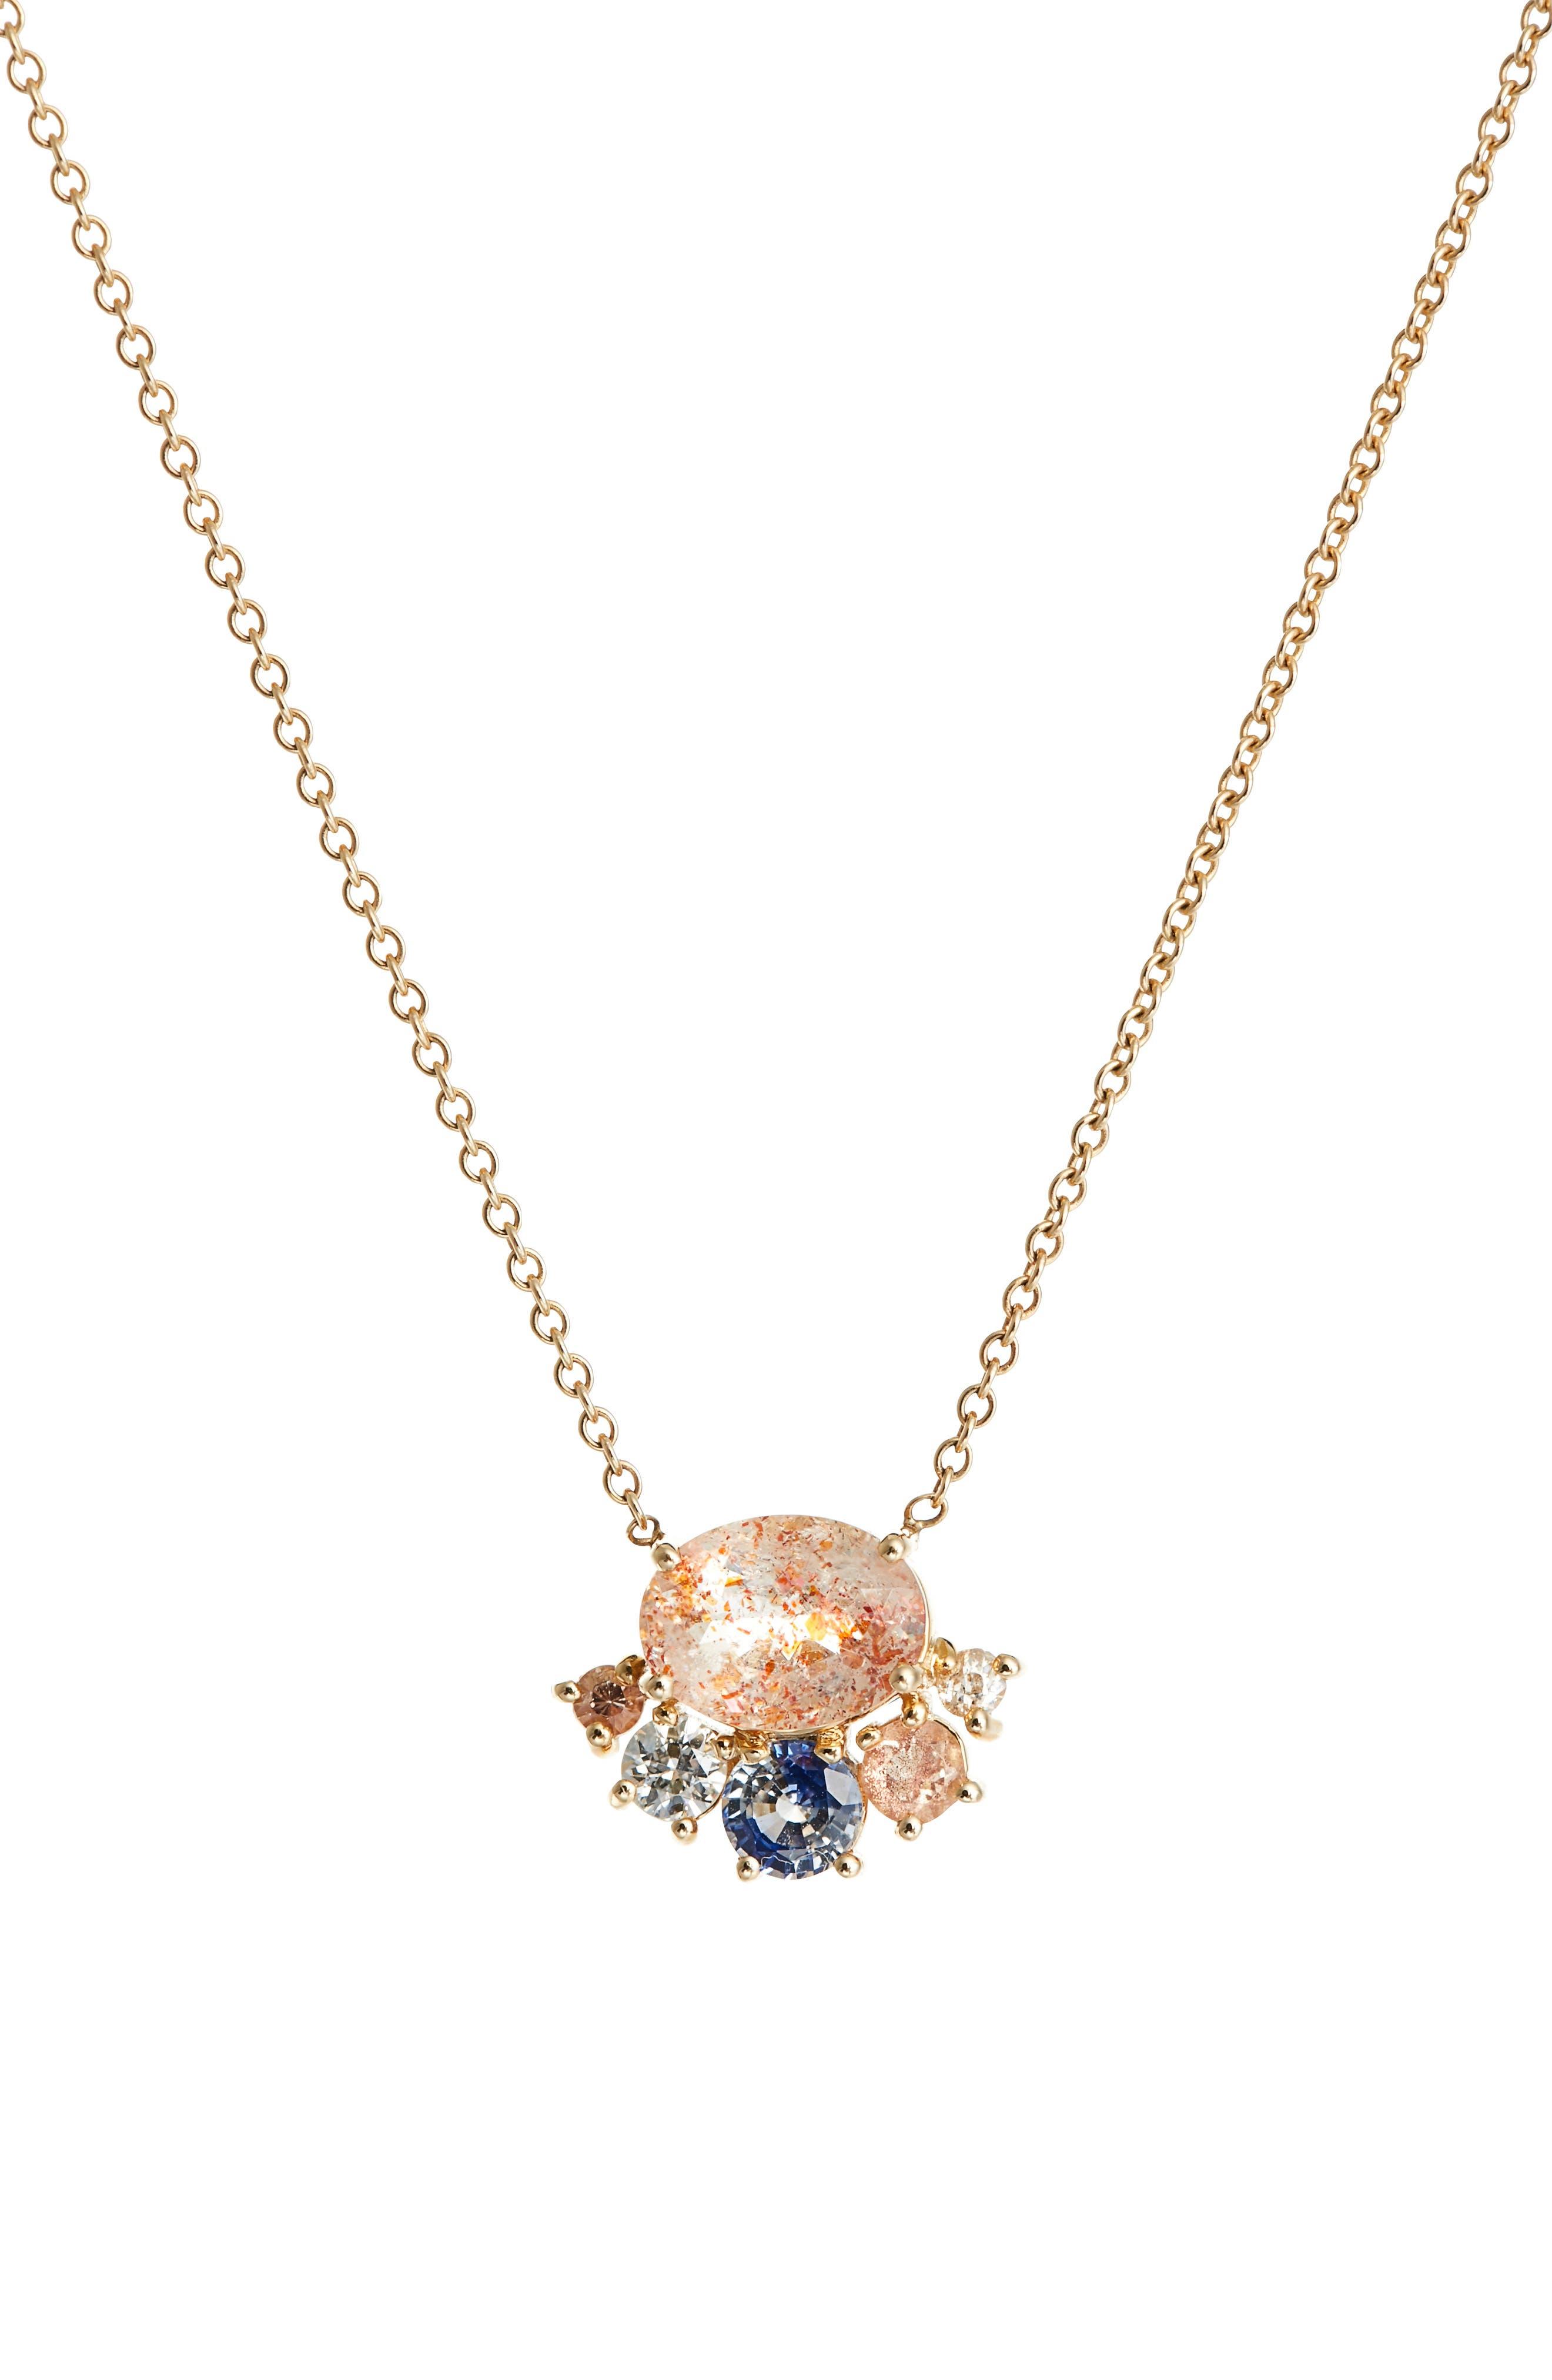 Mociun Oregon Sunstone, Sapphire & Diamond Necklace